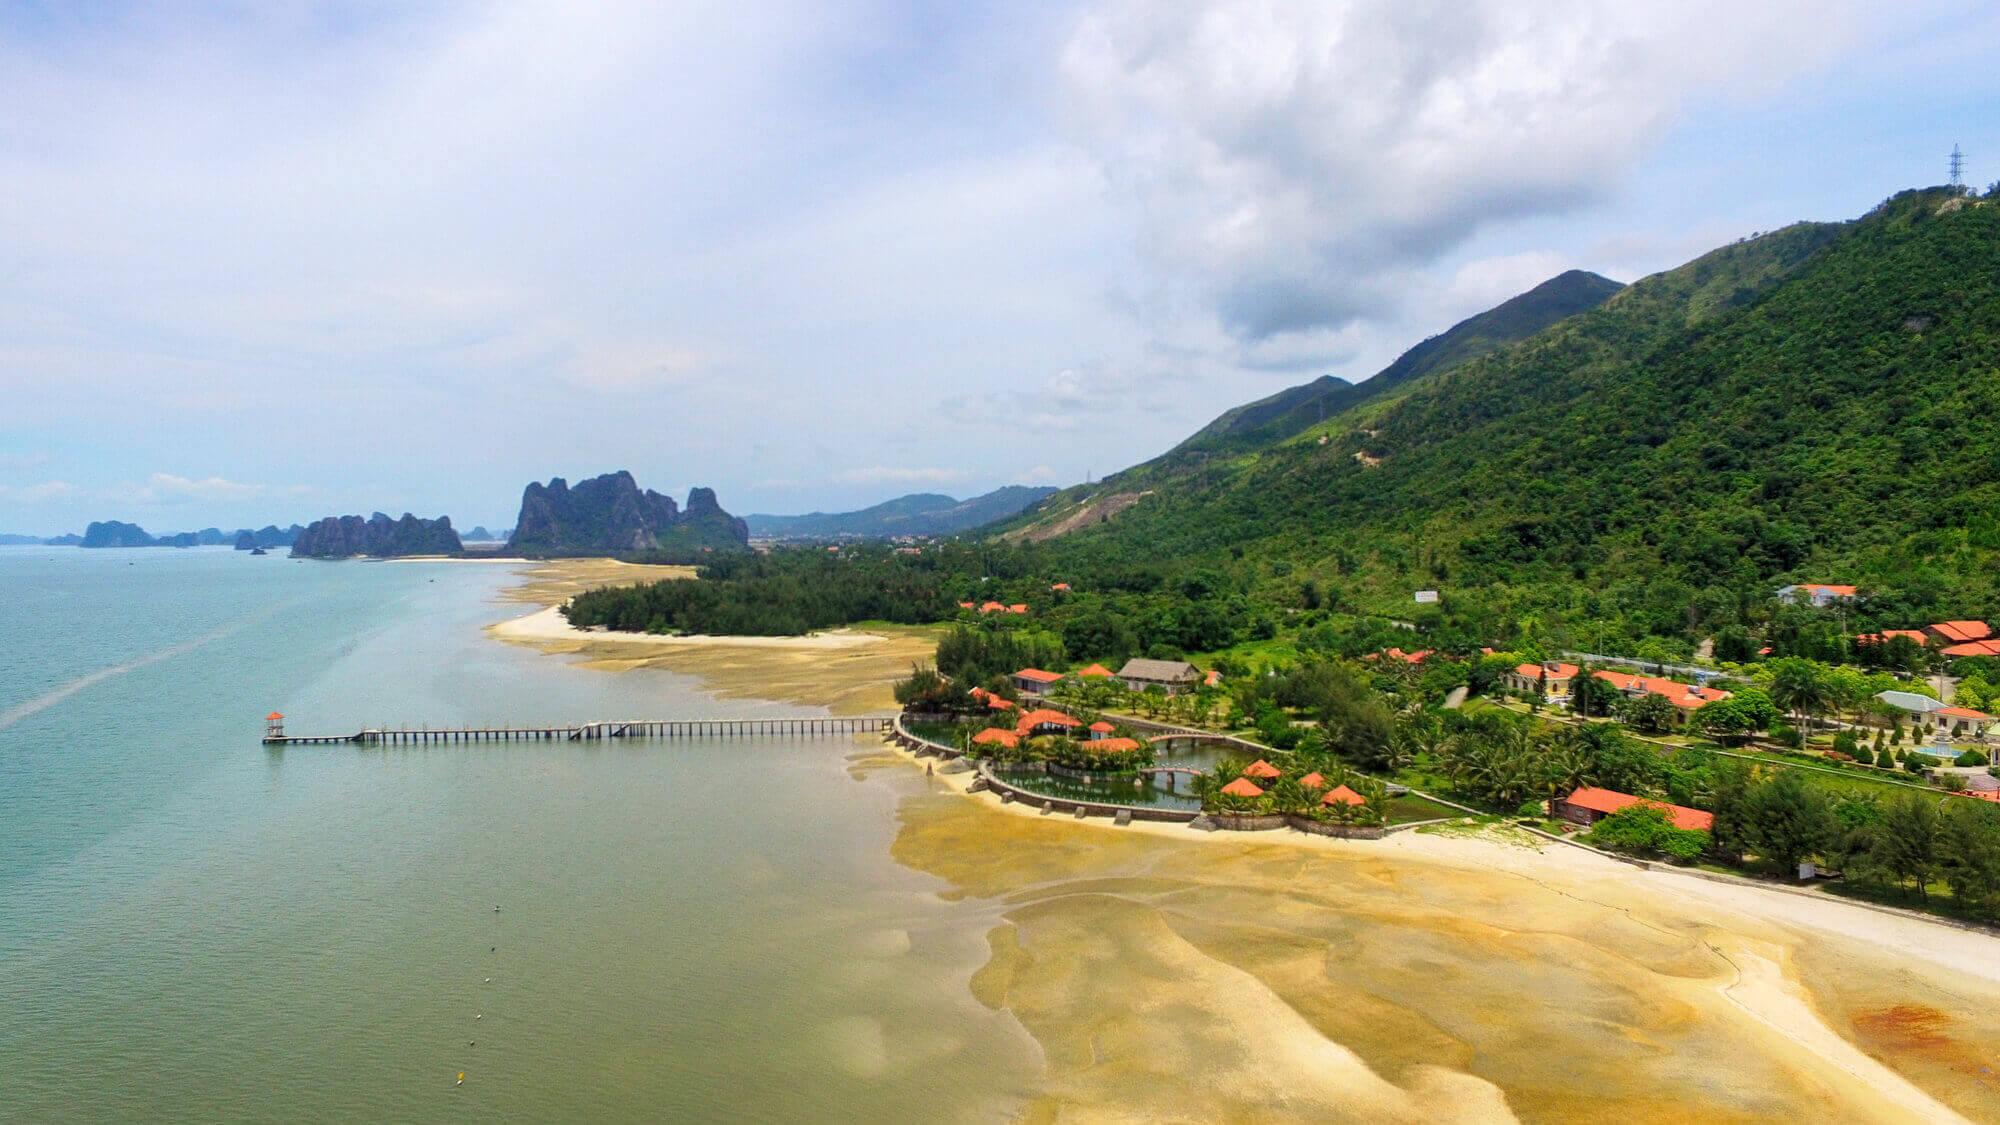 Kết quả hình ảnh cho Bắc Ninh - Vân Đồn - Cô Tô - Bắc Ninh